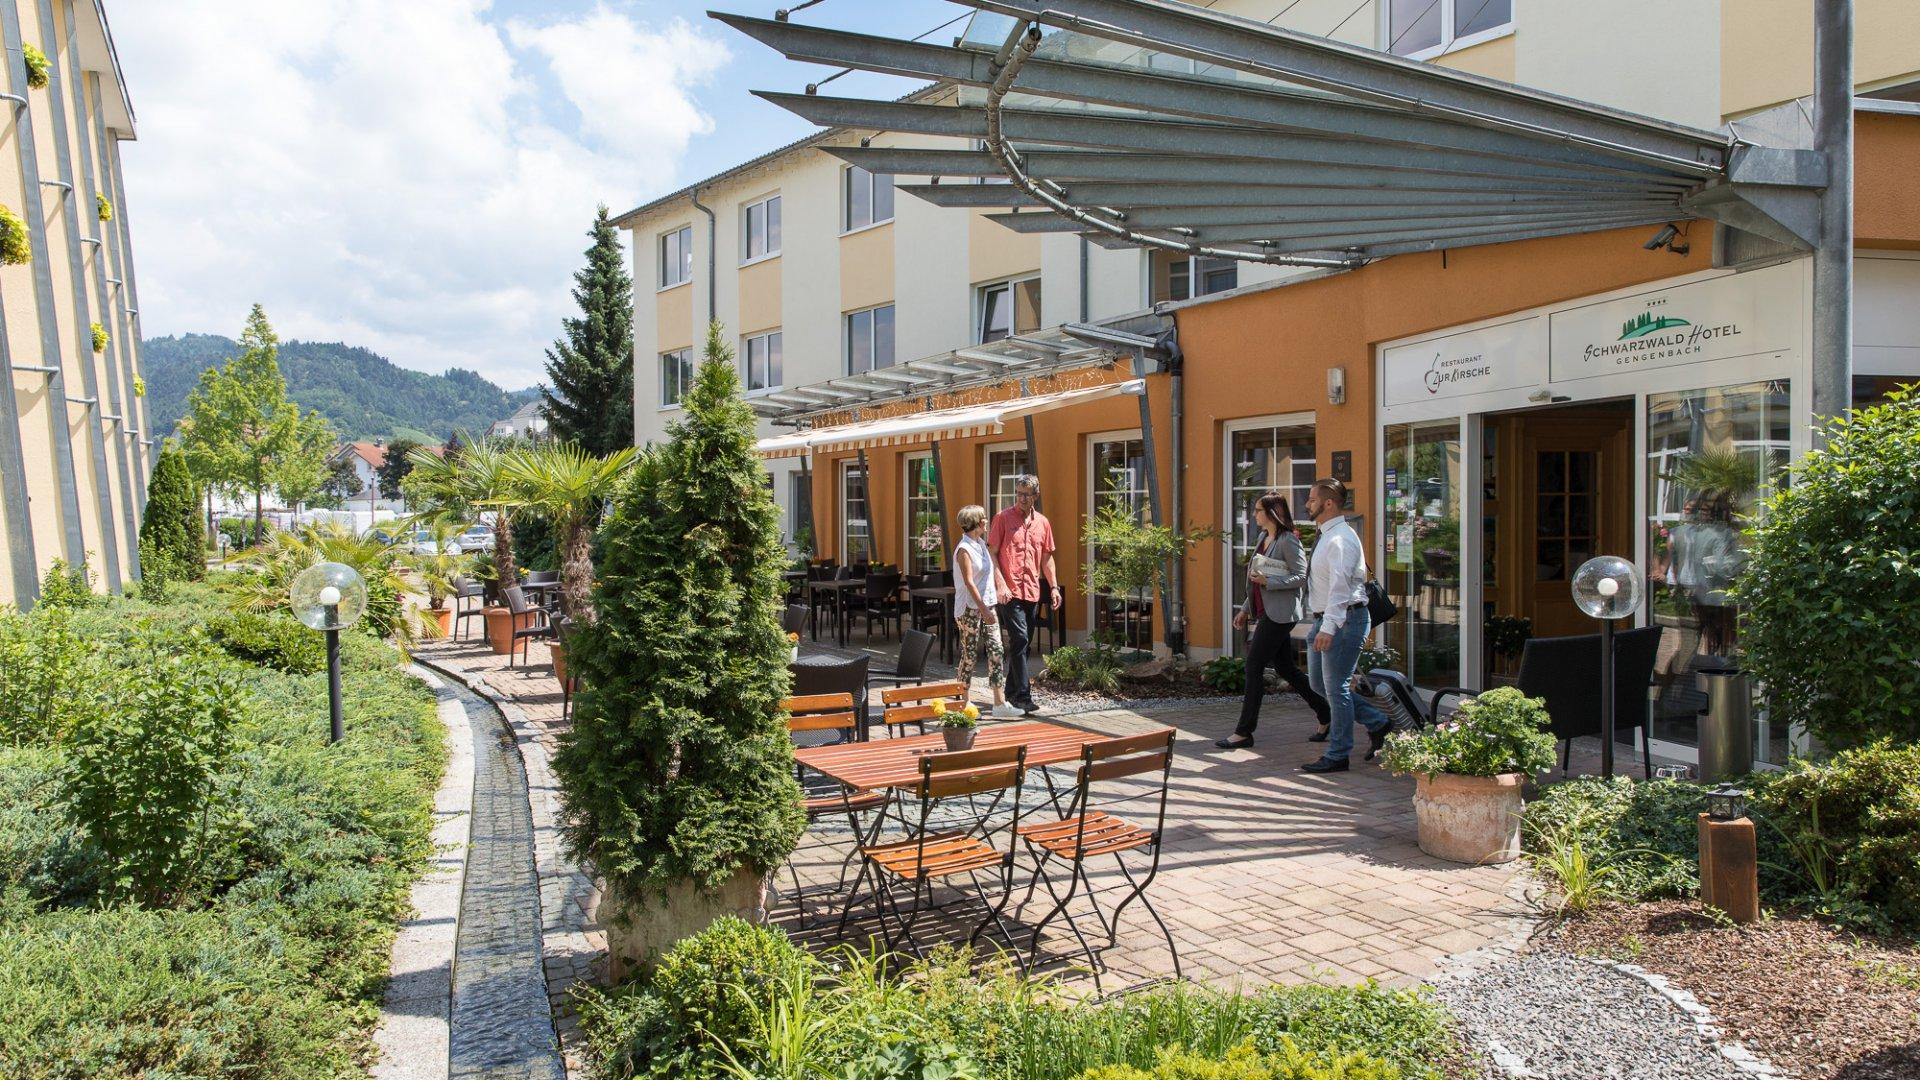 Erleben Sie eine spannende Zeit im Schwarzwaldhotel Gengenbach